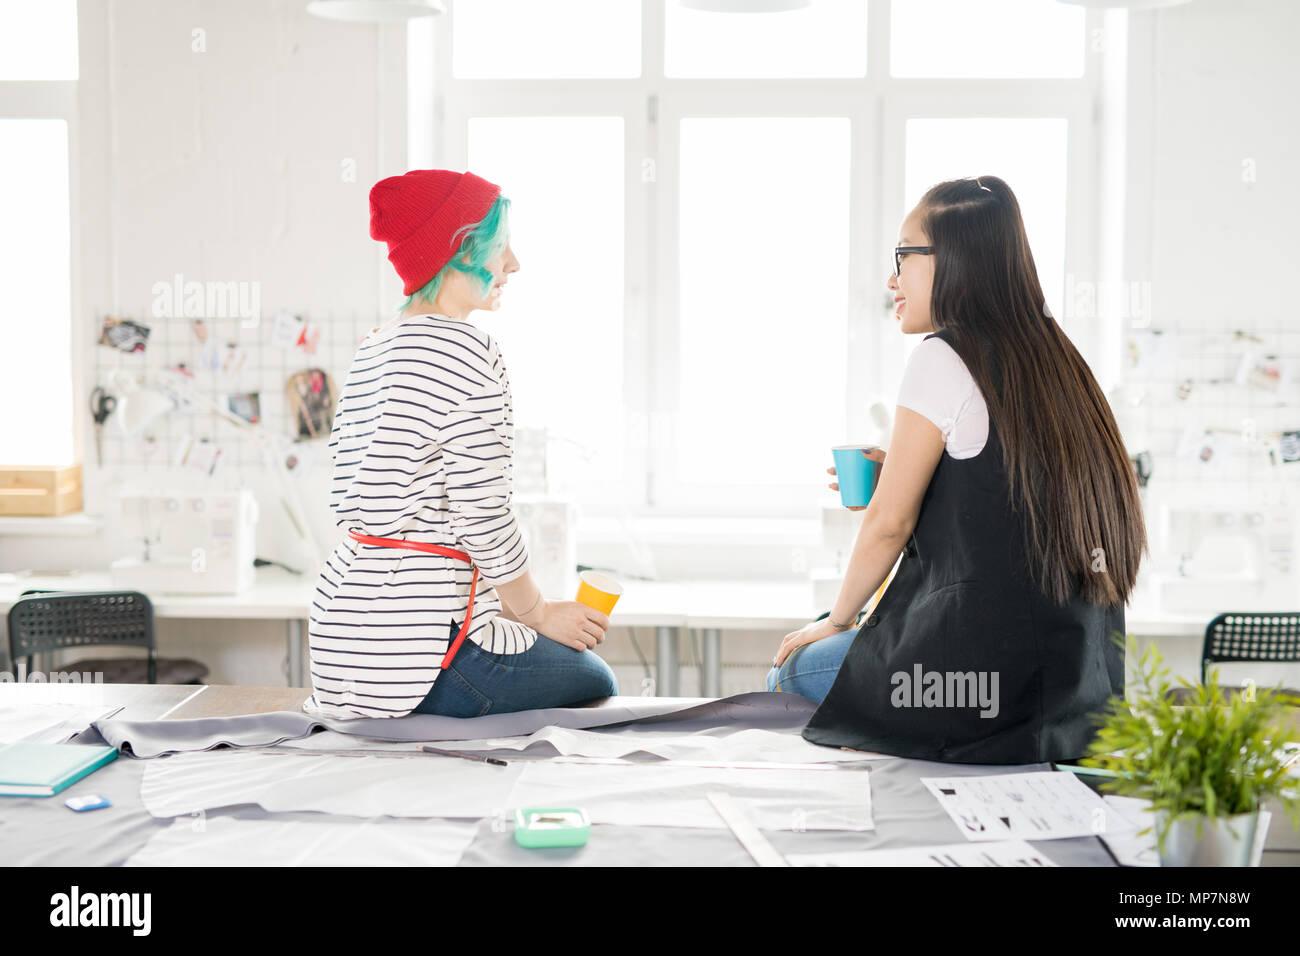 Due stilisti di moda in chat sul luogo di lavoro Immagini Stock